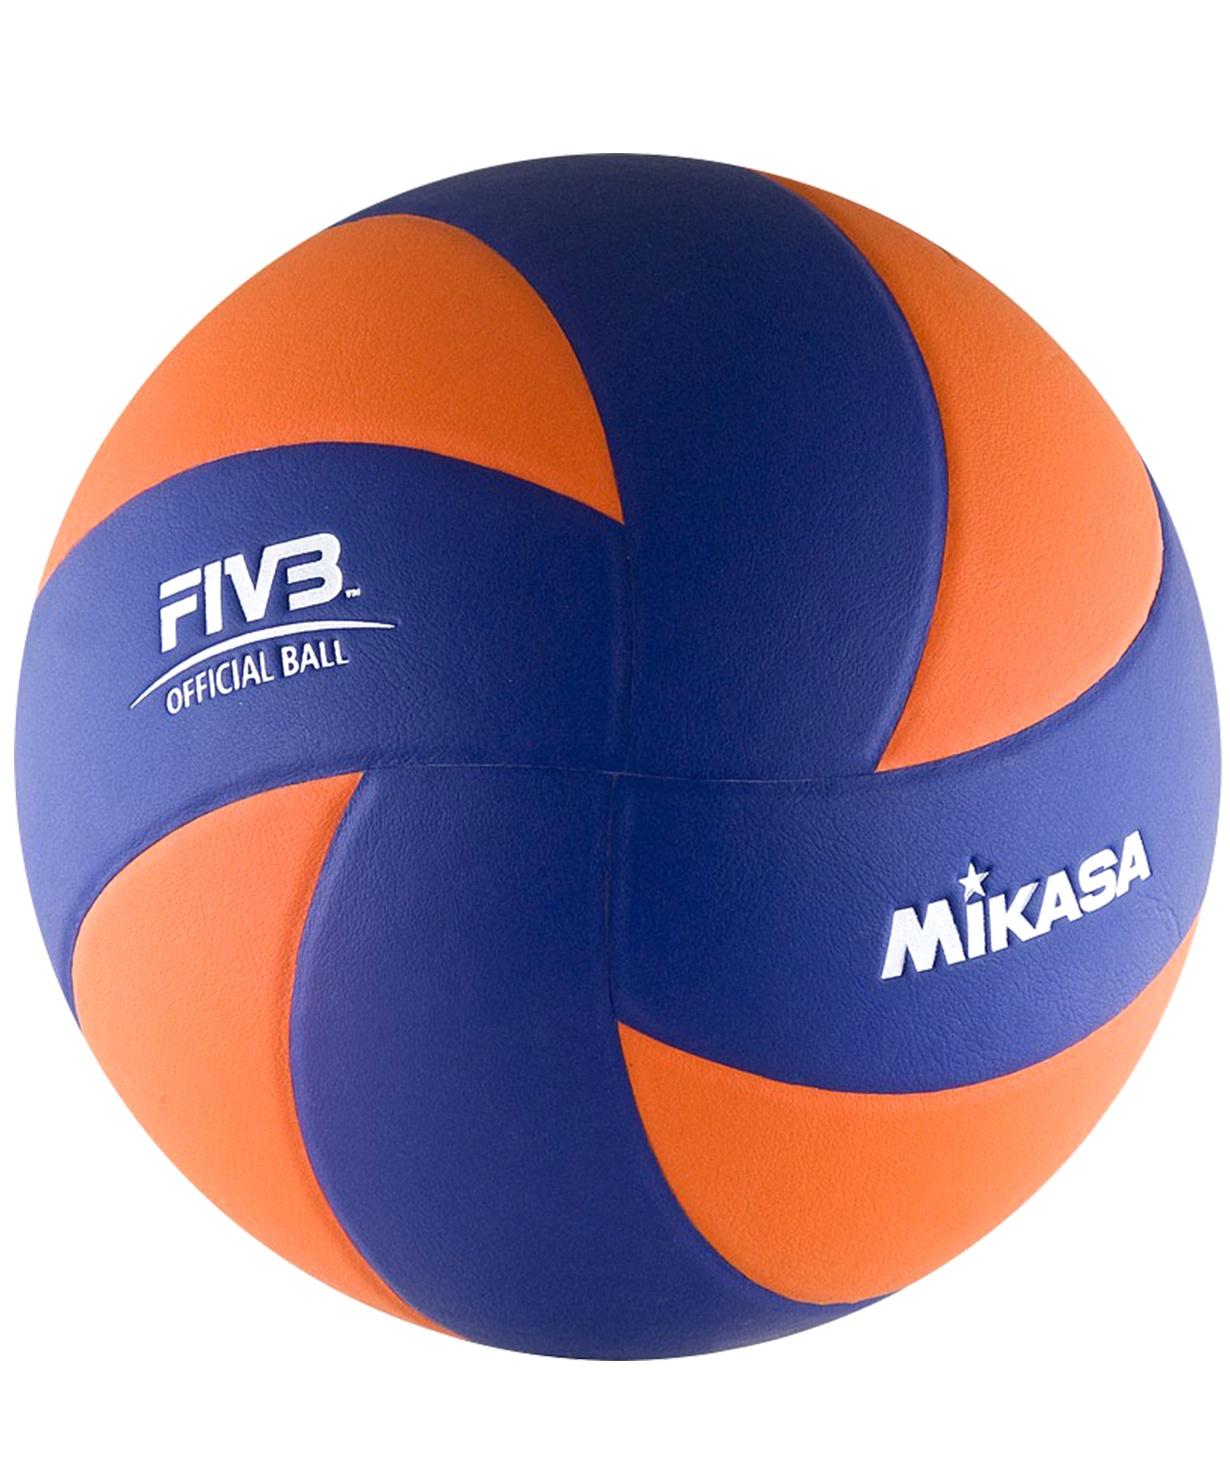 Картинка волейбольного мяча микаса